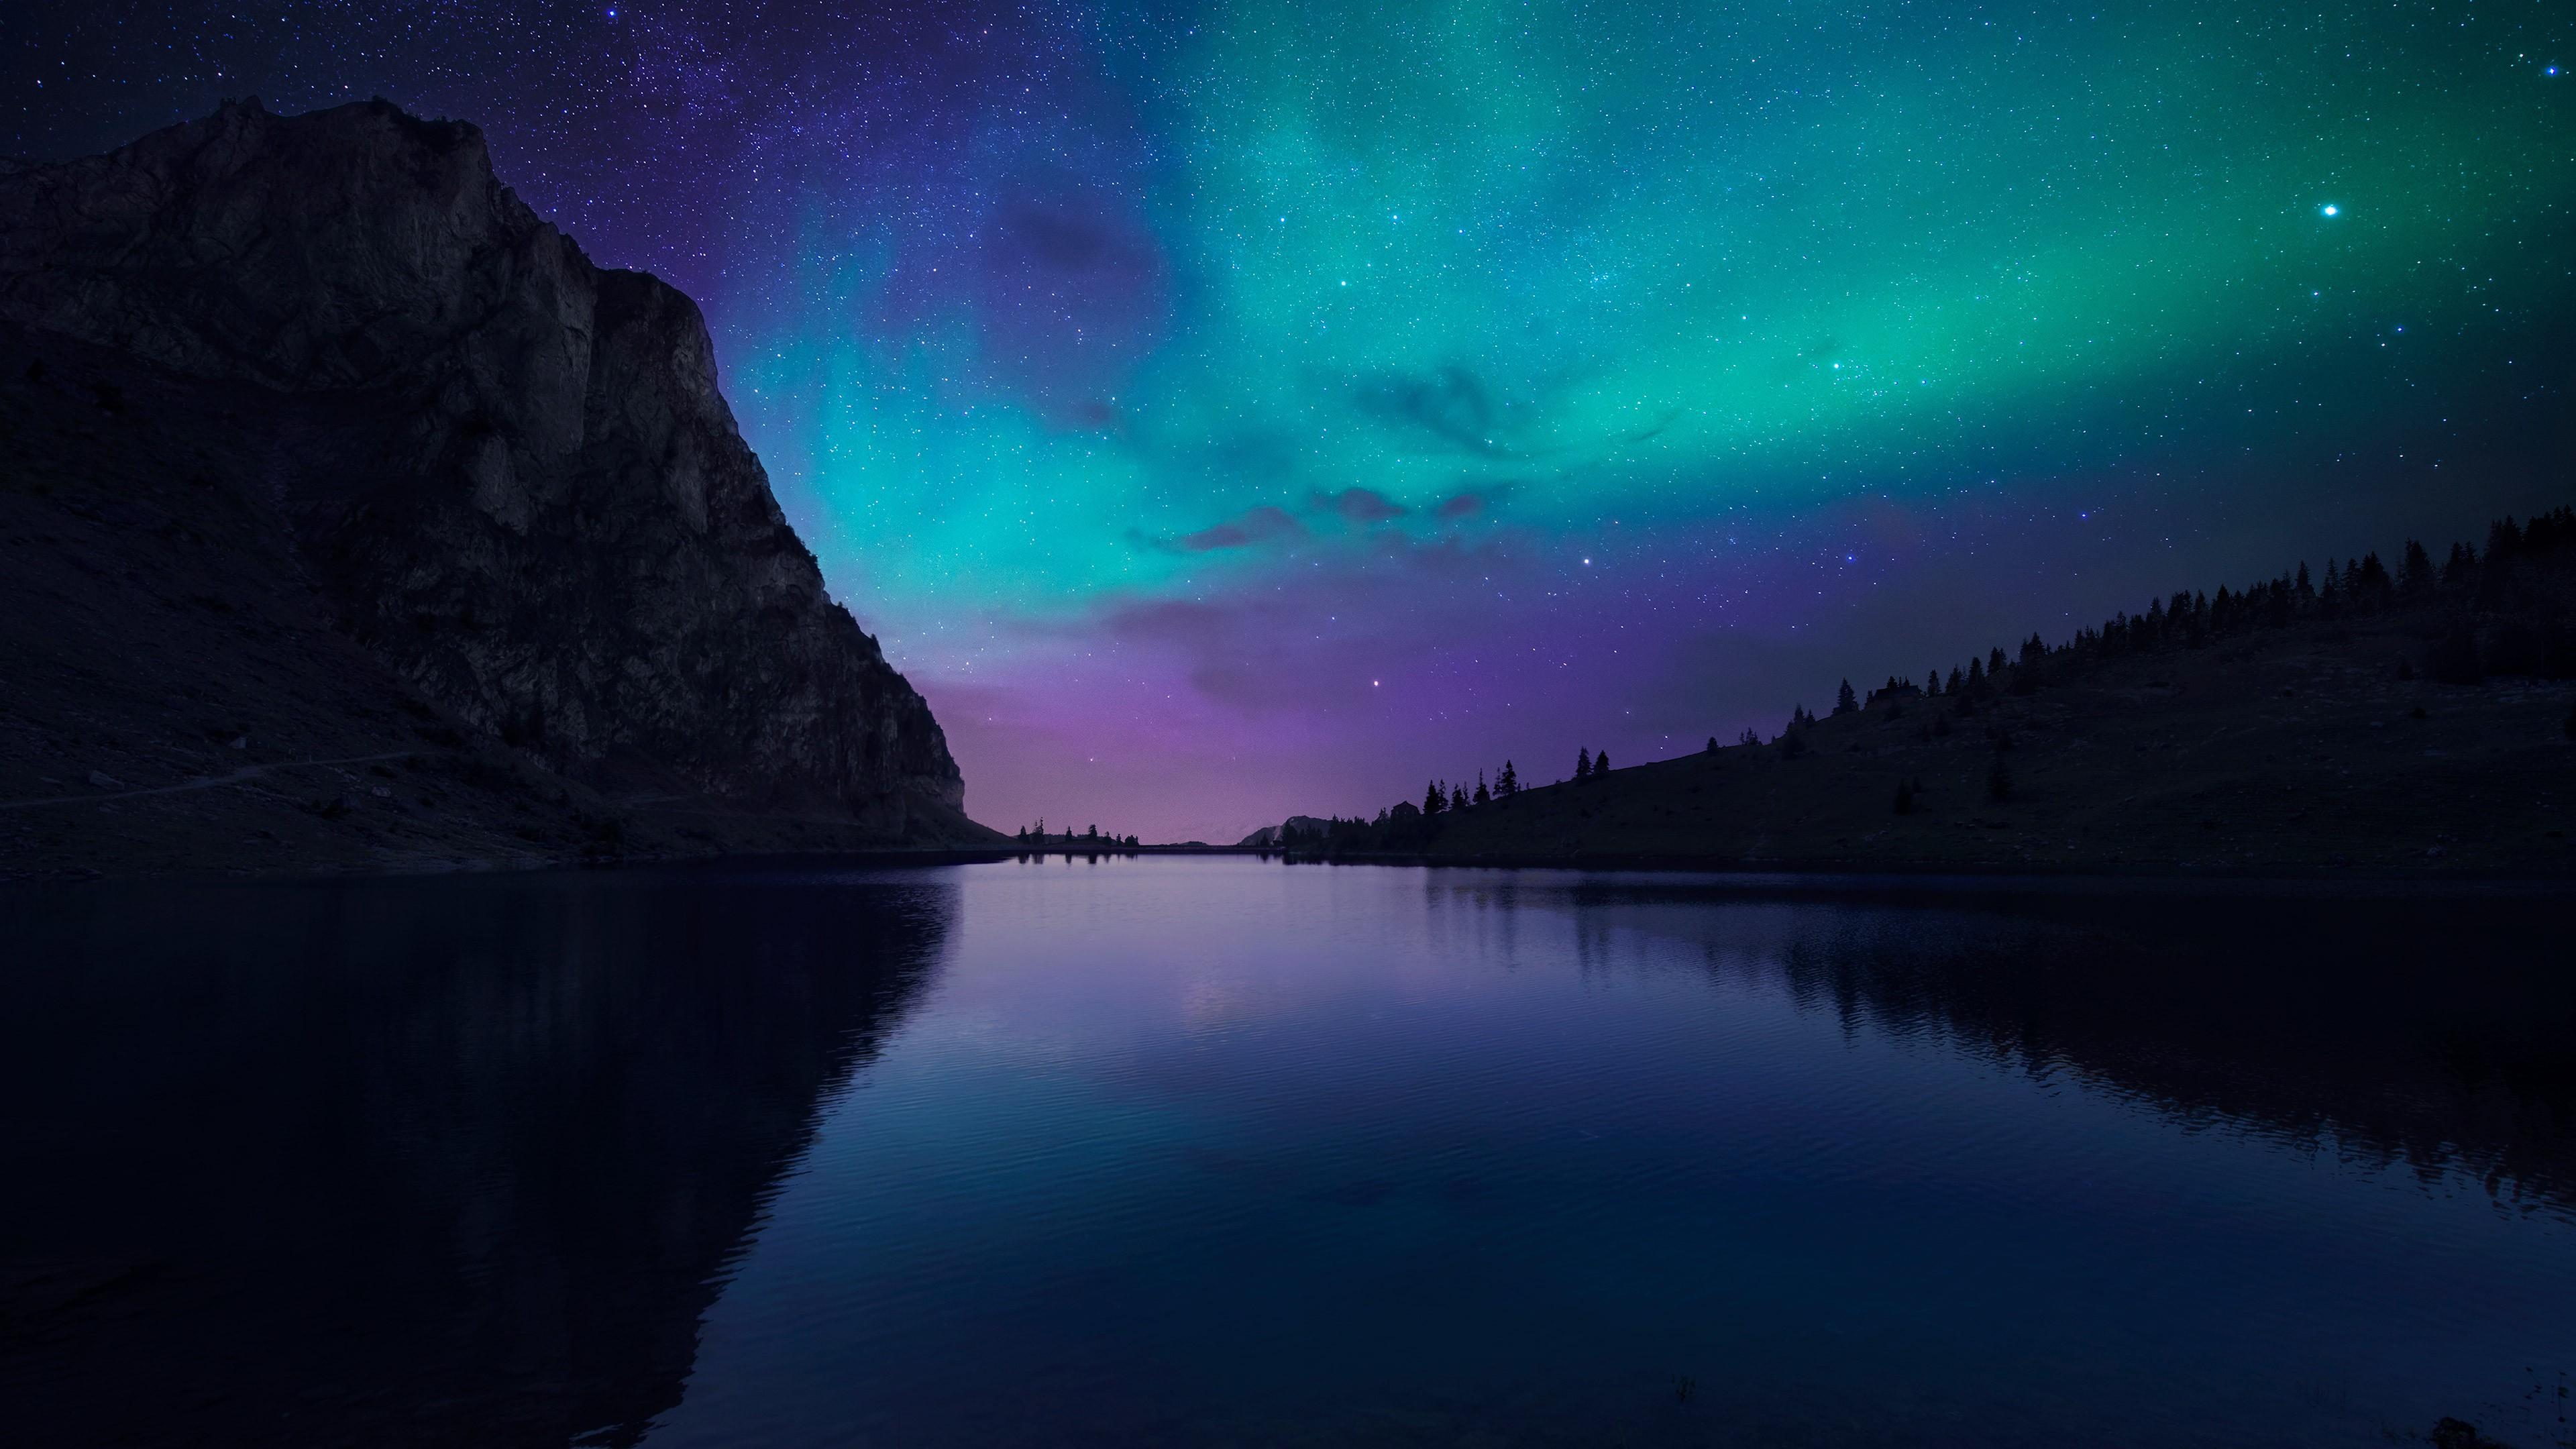 Обои Озеро Аврора 4k Hd Флорида ночь звезды небо